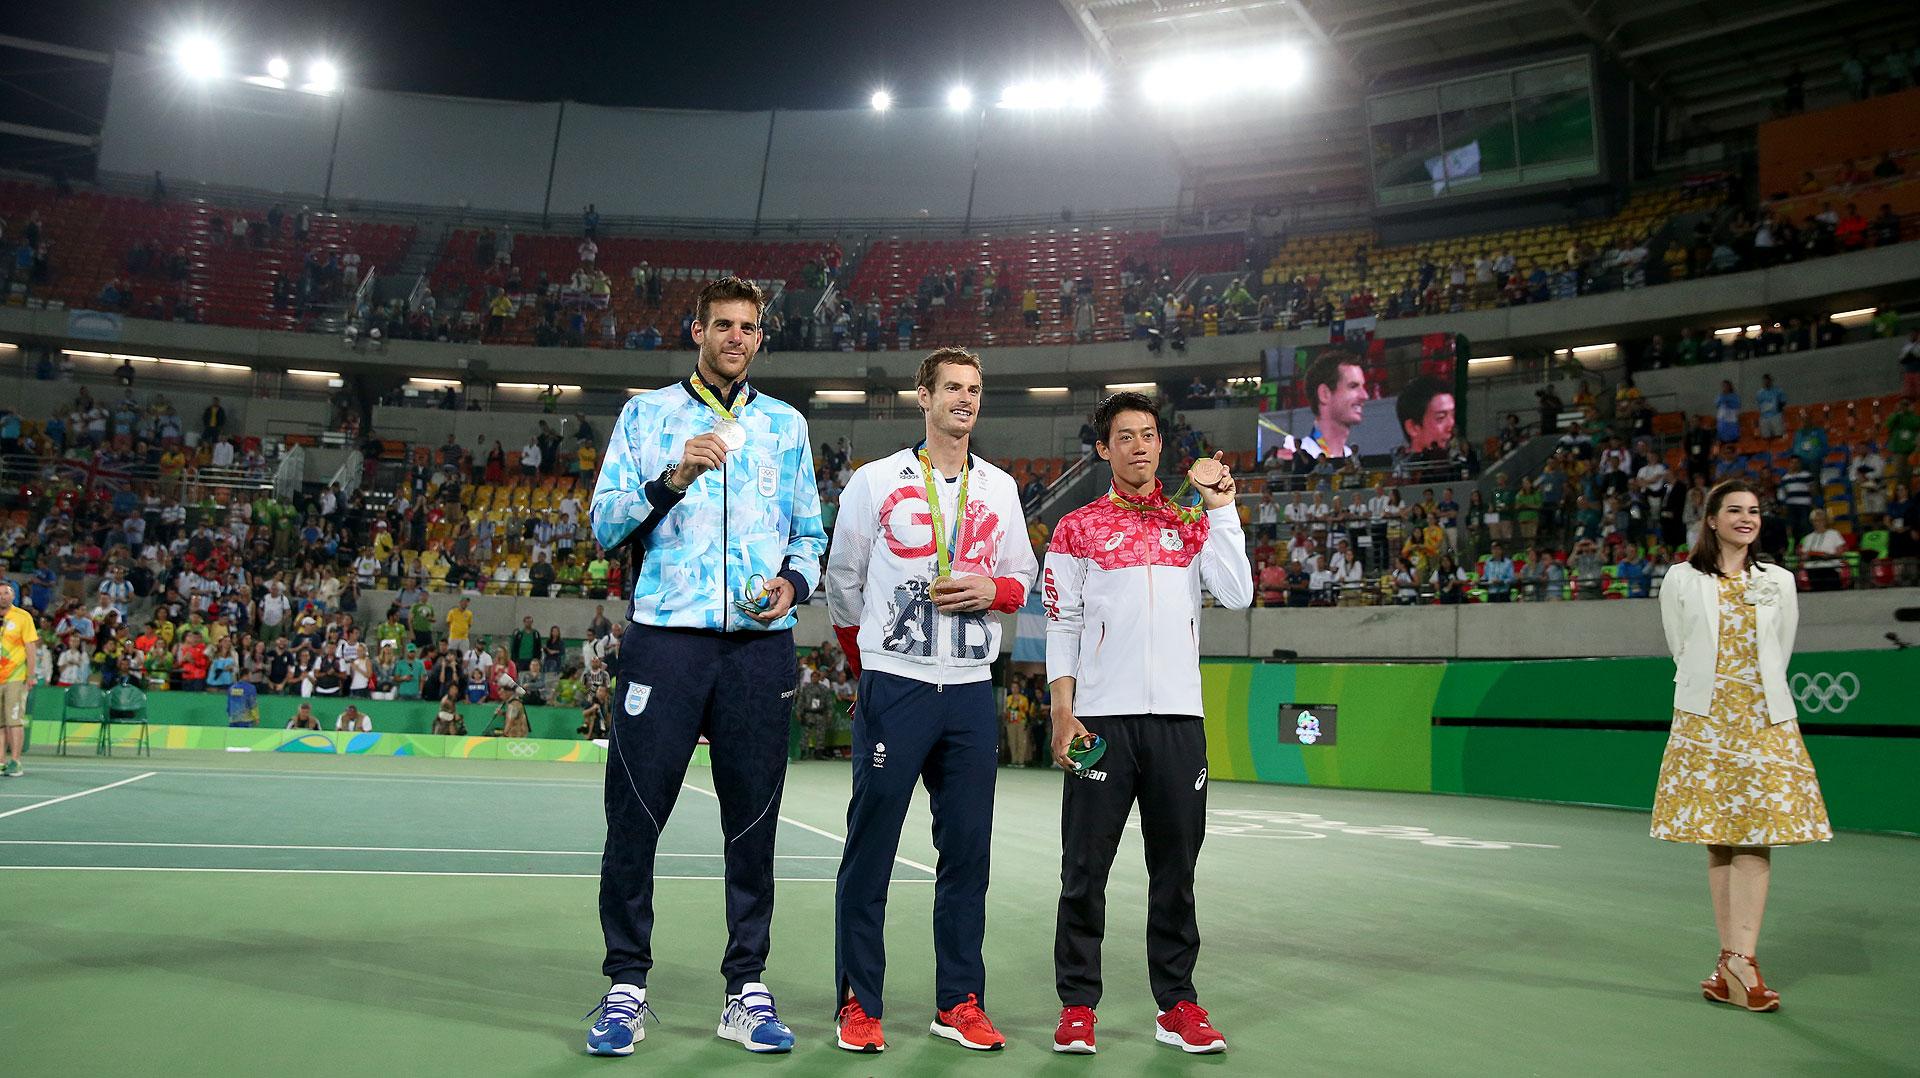 ¿Cuánto mide Juan Martín Del Potro? - Altura - Real height JJOO-Del-Potro-vs-Murray-final-medallas-8